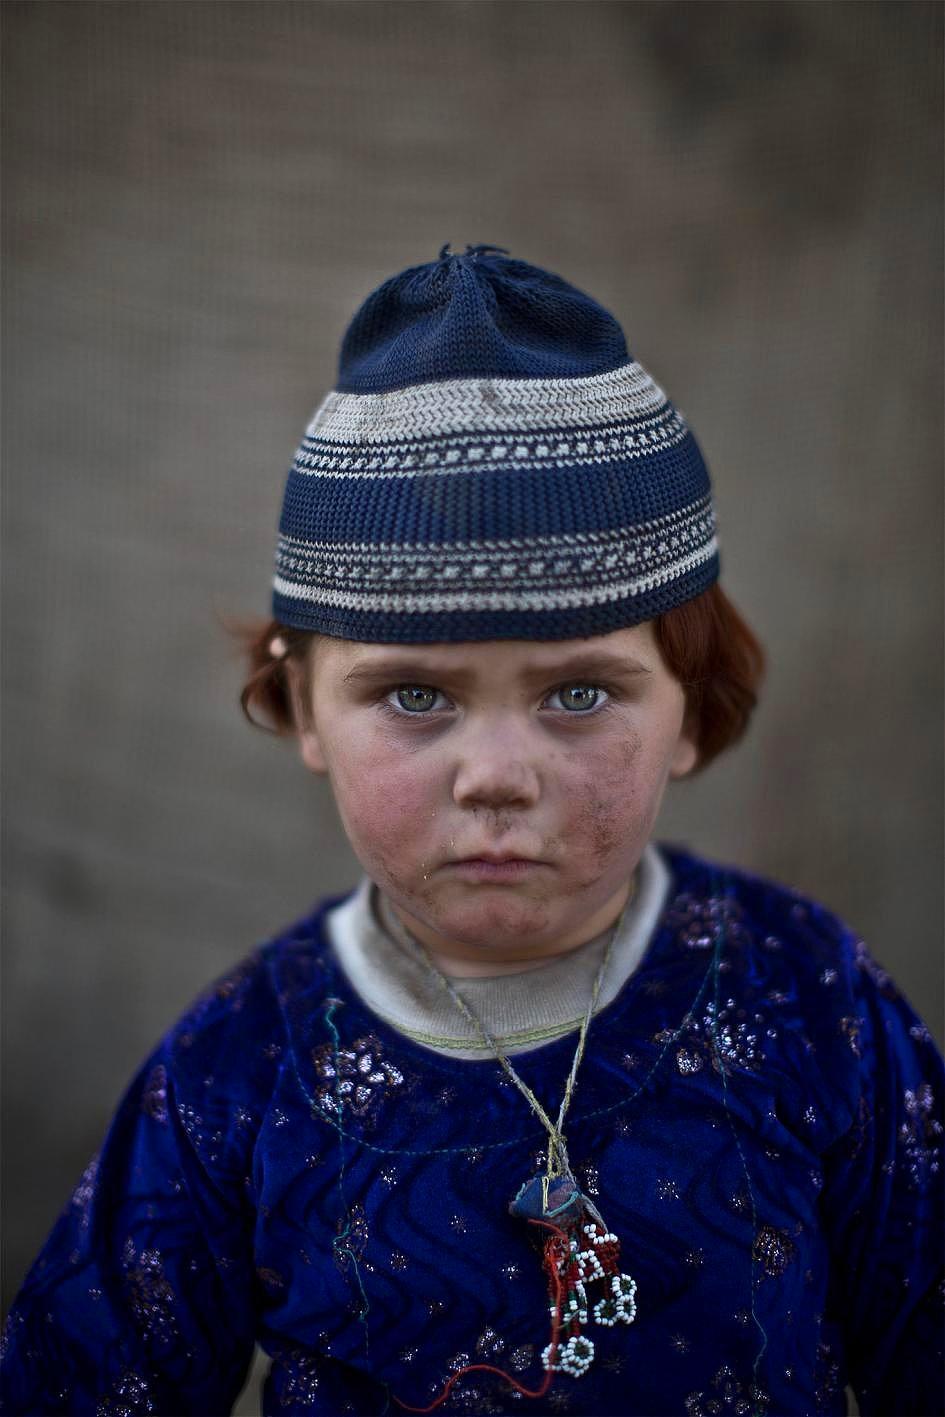 Savaşın Acısı Onların Gözlerinde 8